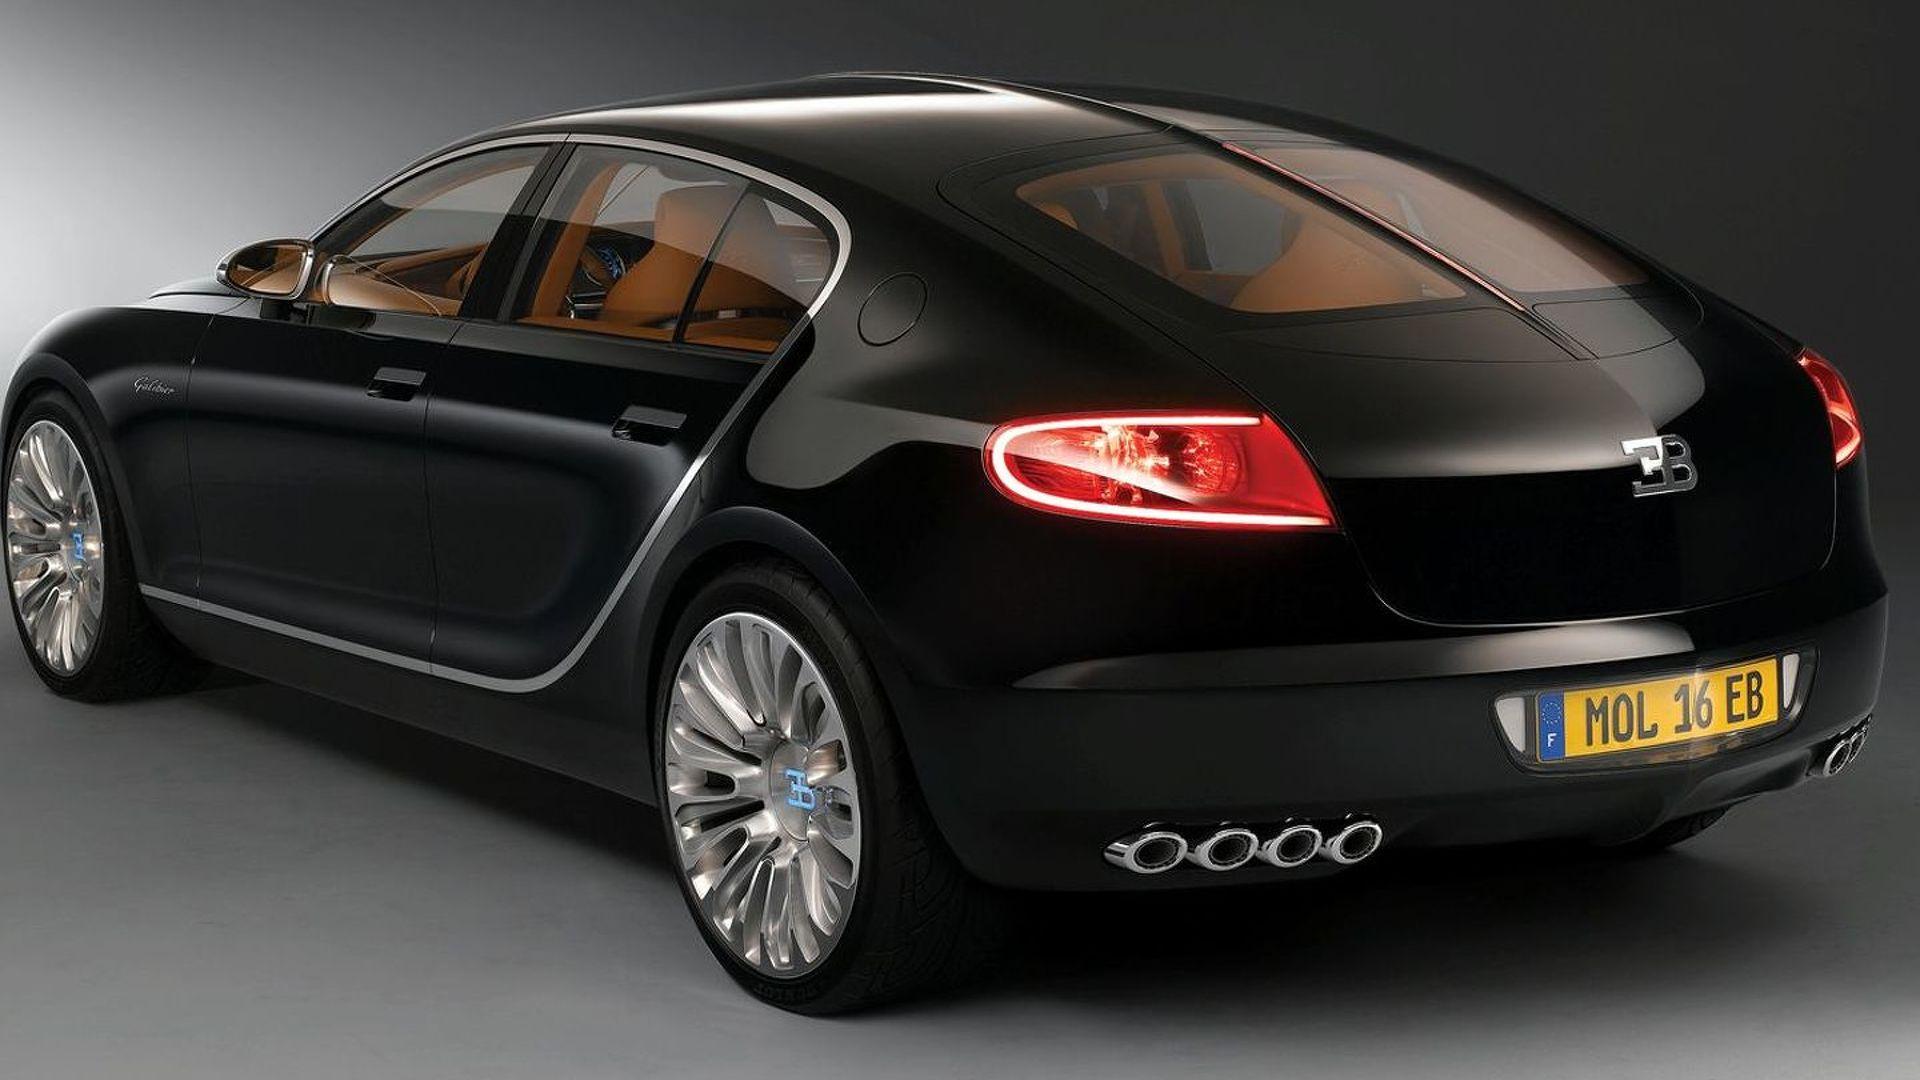 Bugatti To Develop A Luxury Sedan Based On Audi A8 New 16c Galibier